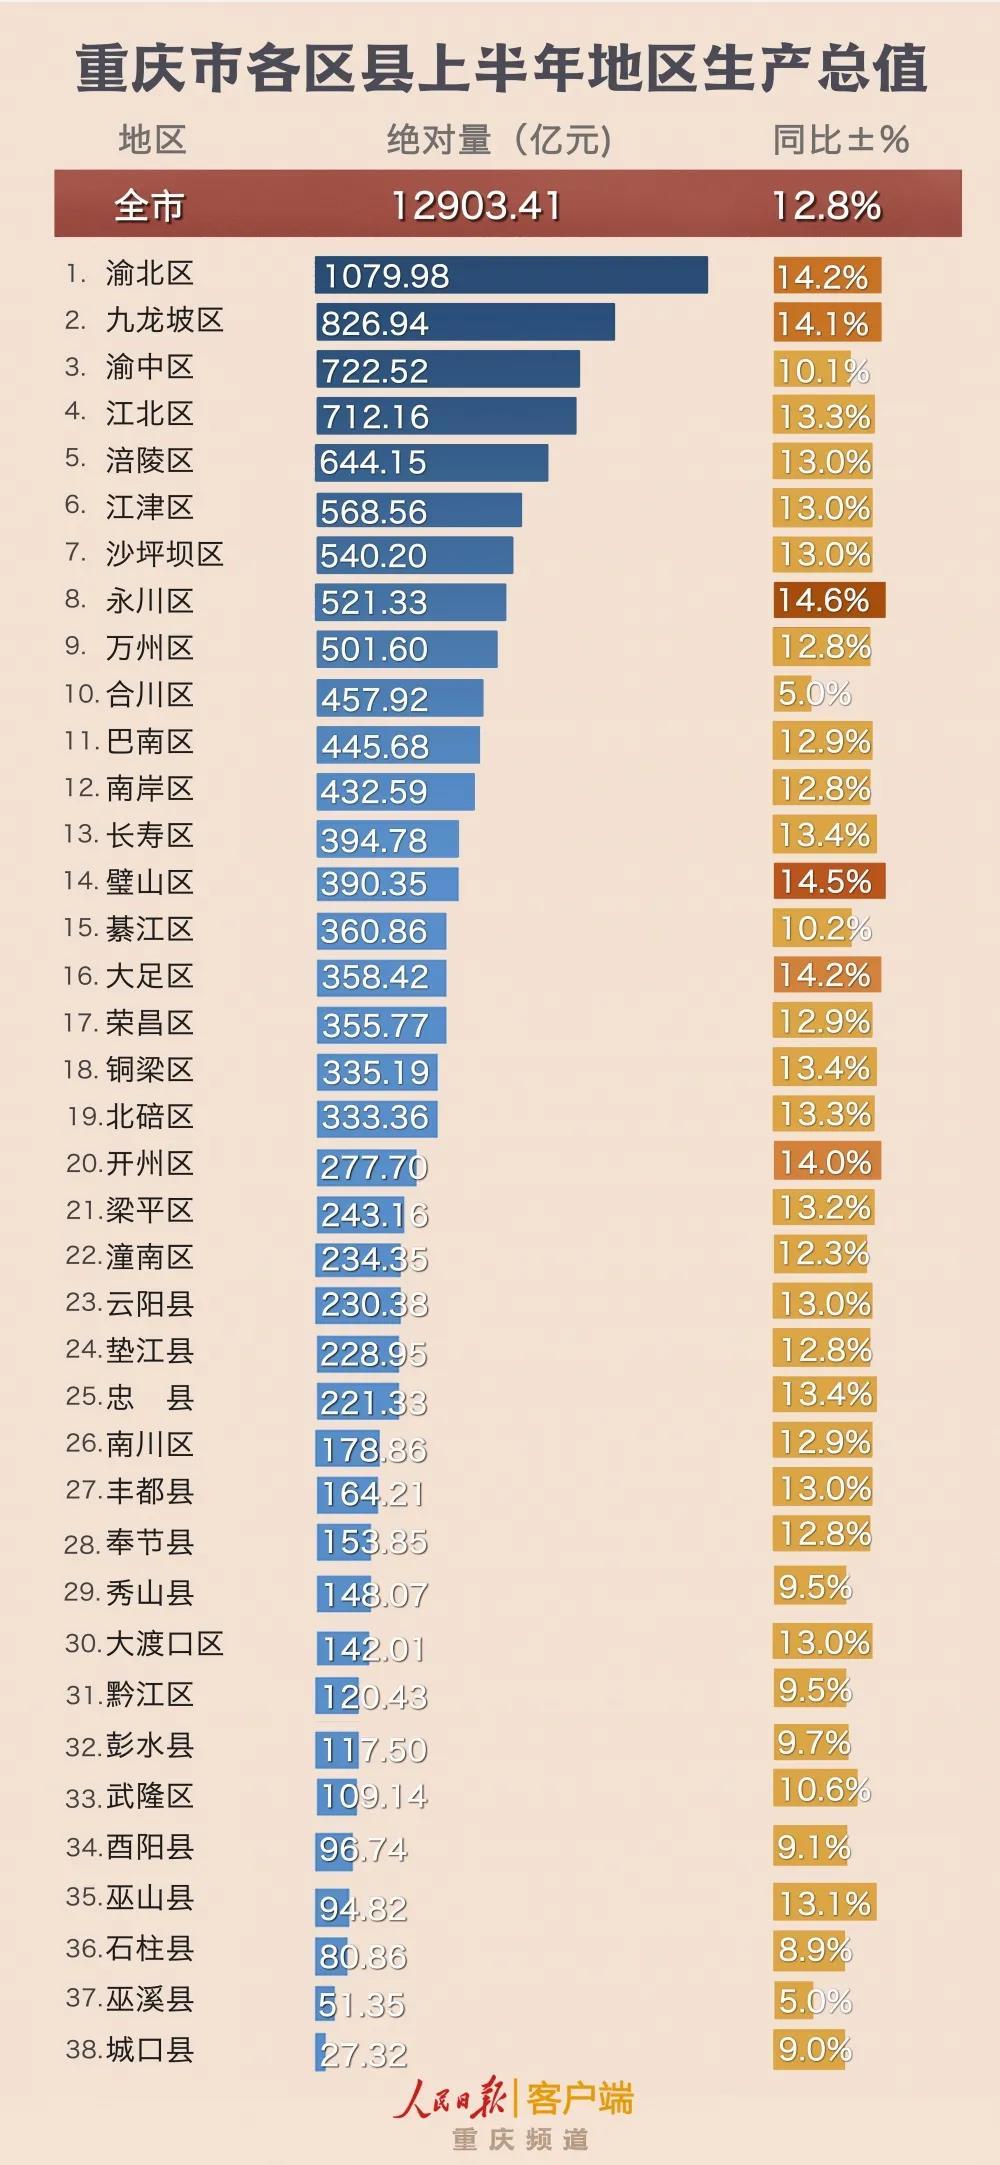 2021年重庆区县gdp_重庆各区县上半年GDP出炉!快来看看你的区排第几吧